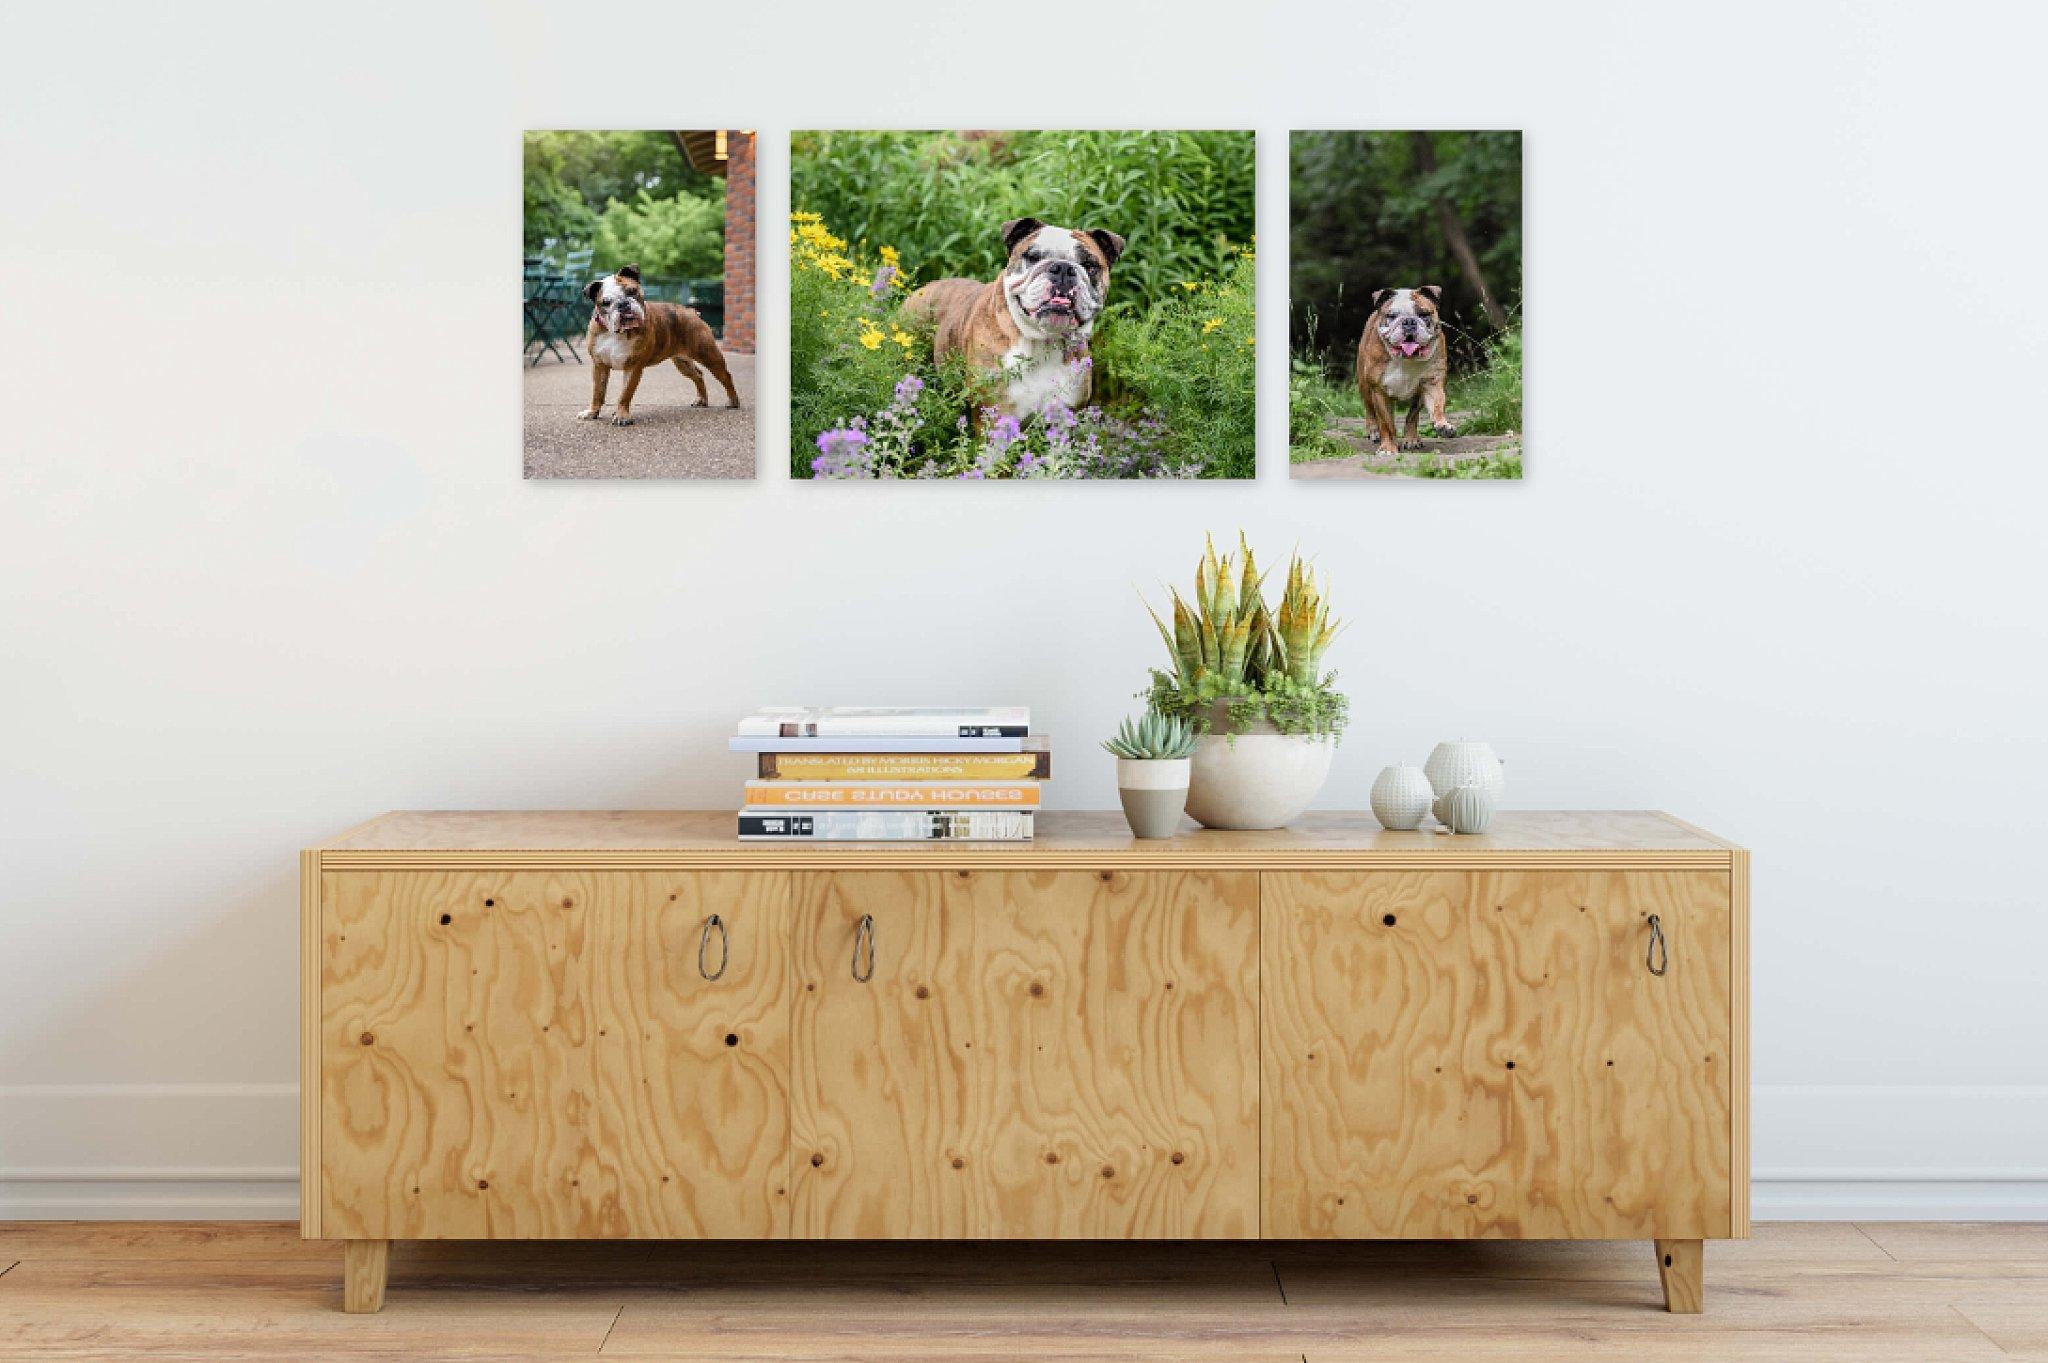 canvas trio over entryway table